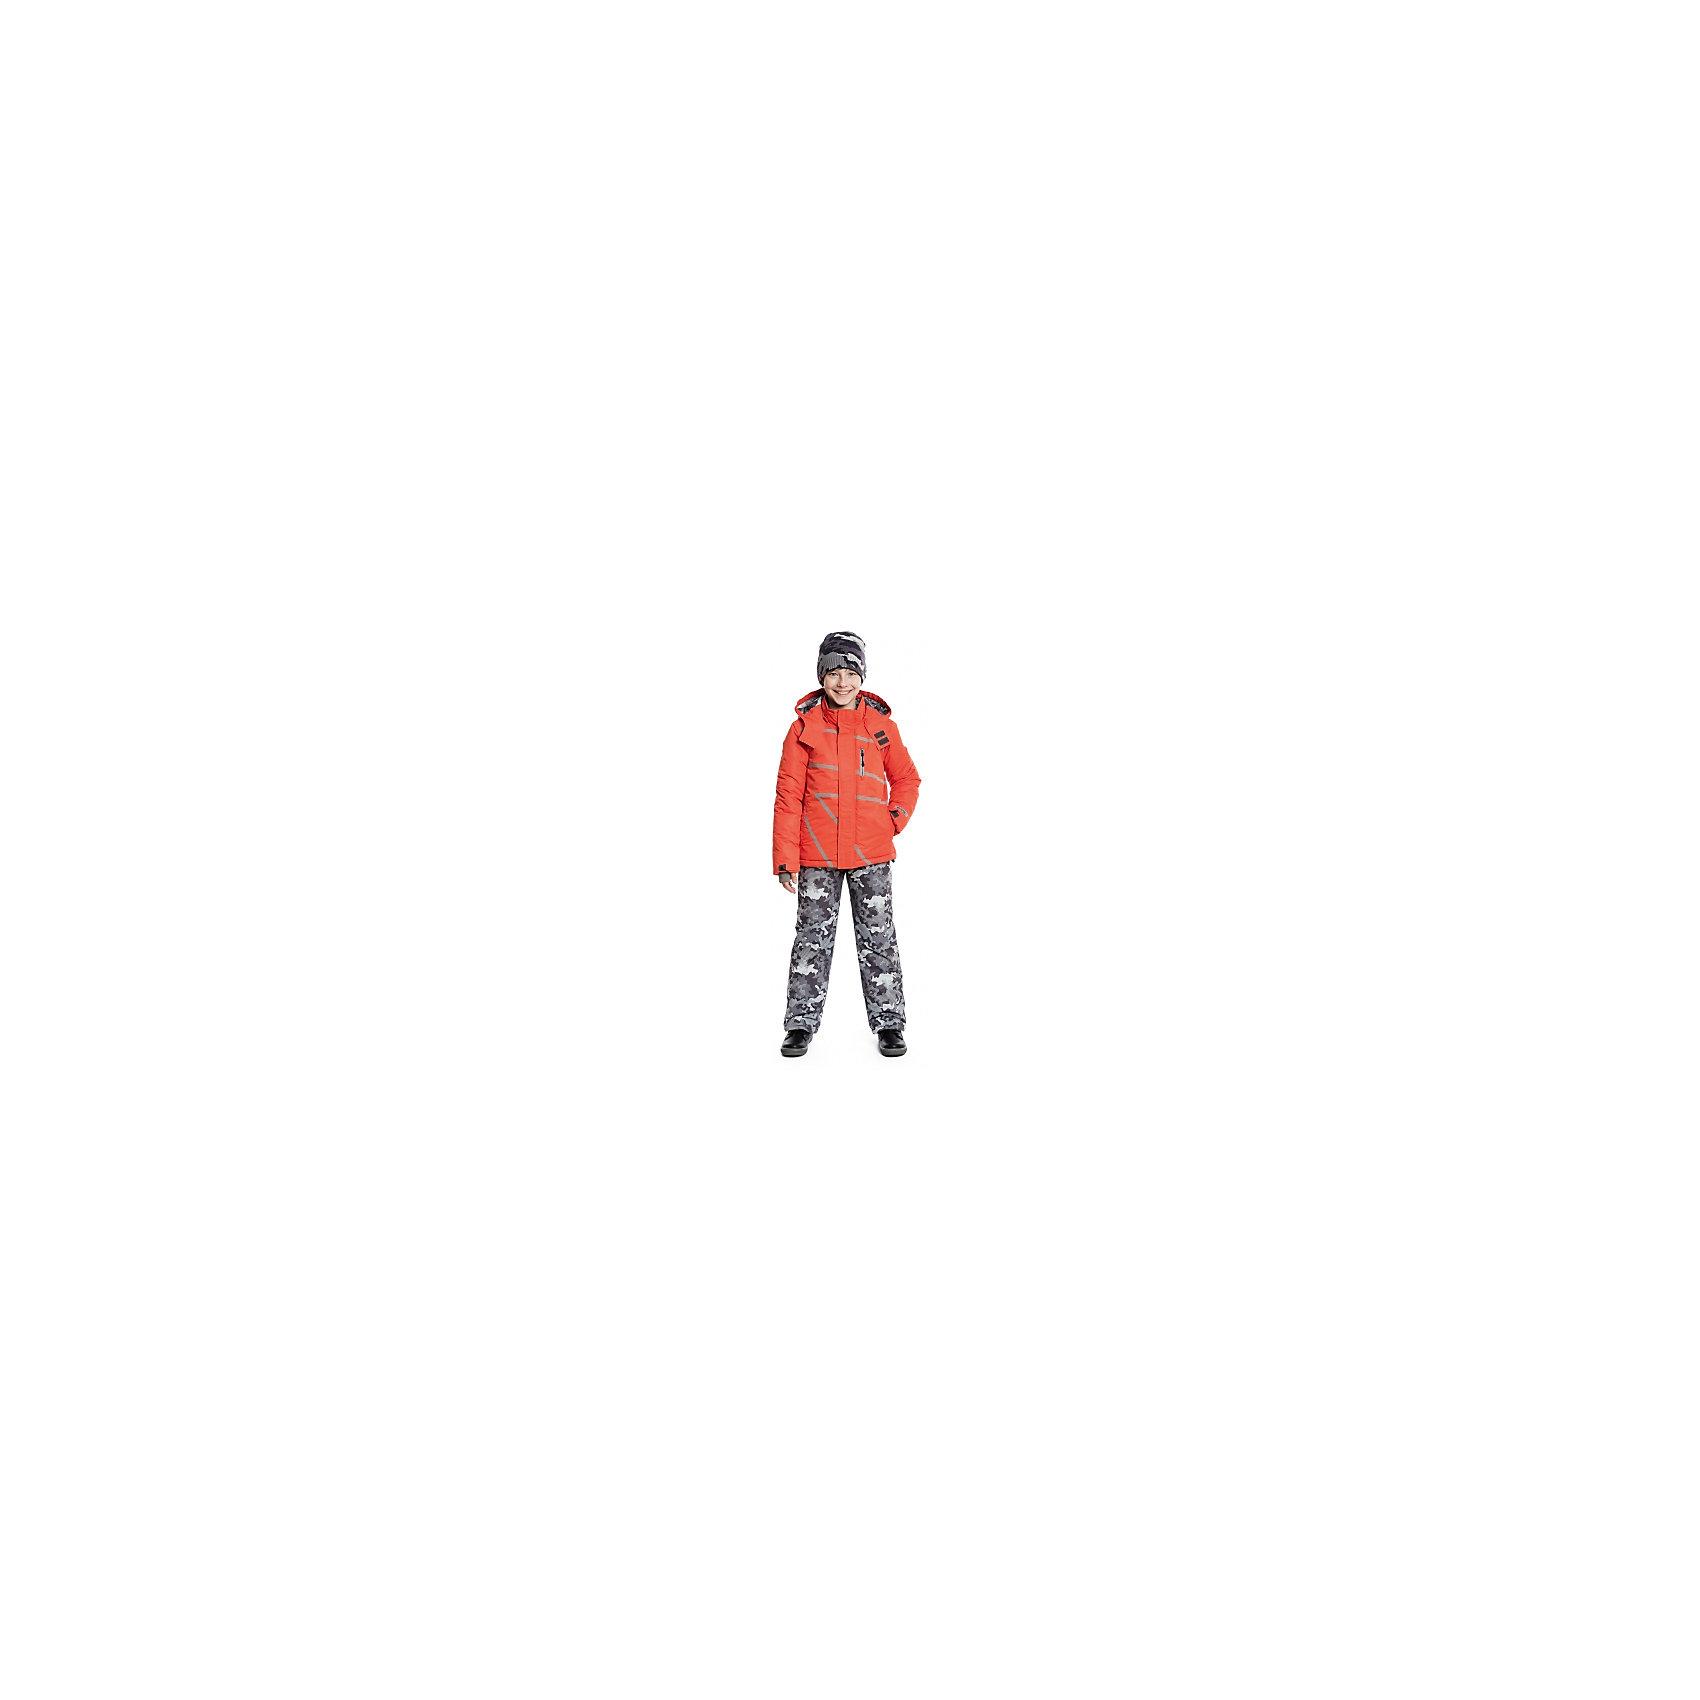 Куртка для мальчика ScoolВерхняя одежда<br>Куртка для мальчика Scool – надежная защита от холода и дождя.<br>Яркая куртка со светоотражающими полосками сделана из непромокаемого материала. Специальная ветрозащитная планка на липучках у капюшона позволяет защитить шею от продувания. Низ куртки можно затянуть стопером. Под внешним слоем, внизу, есть подкладка, застегнув которую, ребенок также будет защищен от ветра. От попадания снега или воды в рукавах на куртке предусмотрены трикотажные манжеты с отверстием для пальца. <br><br>Дополнительная информация:<br><br>- материал: верх и подкладка – 100% полиэстер, наполнитель 100% полиэстер<br>- цвет: оранжевый<br><br>Куртку для мальчика Scool можно купить в нашем интернет магазине.<br><br>Ширина мм: 356<br>Глубина мм: 10<br>Высота мм: 245<br>Вес г: 519<br>Цвет: оранжевый<br>Возраст от месяцев: 132<br>Возраст до месяцев: 144<br>Пол: Мужской<br>Возраст: Детский<br>Размер: 152,158,164,134,140,146<br>SKU: 4911551